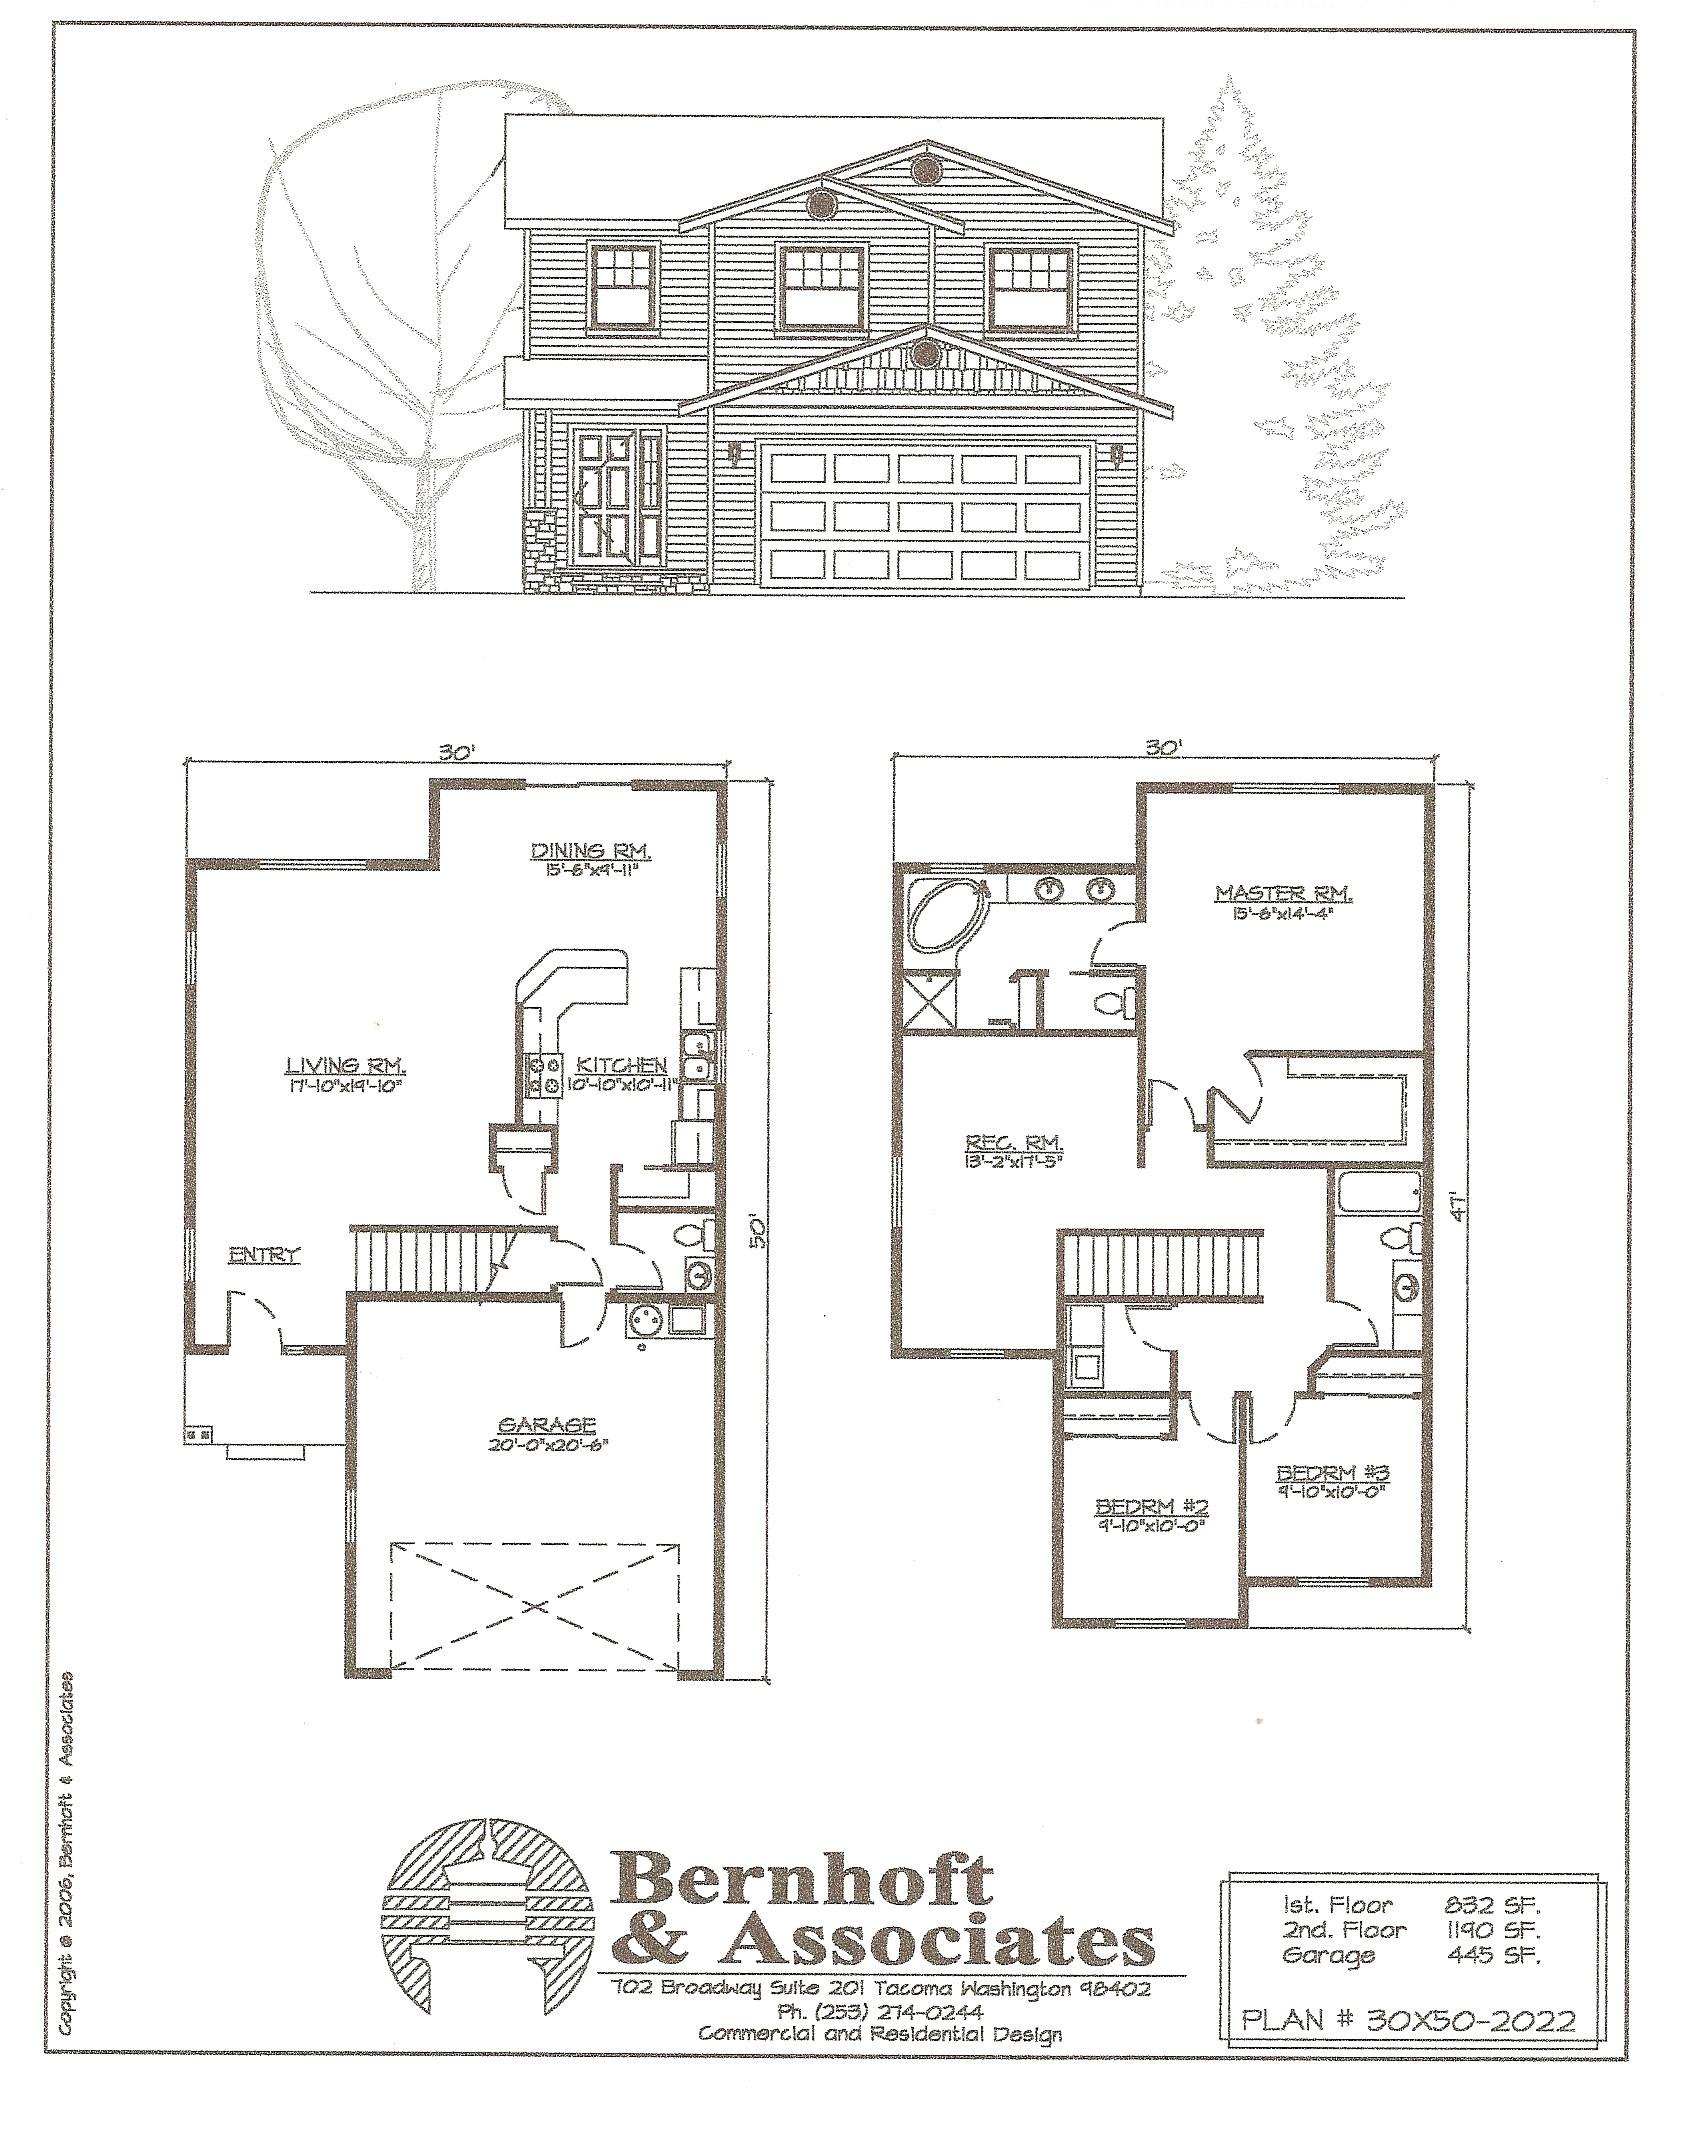 family guy house floor plan best of image family floor plans sixplex multifamily house plan pd